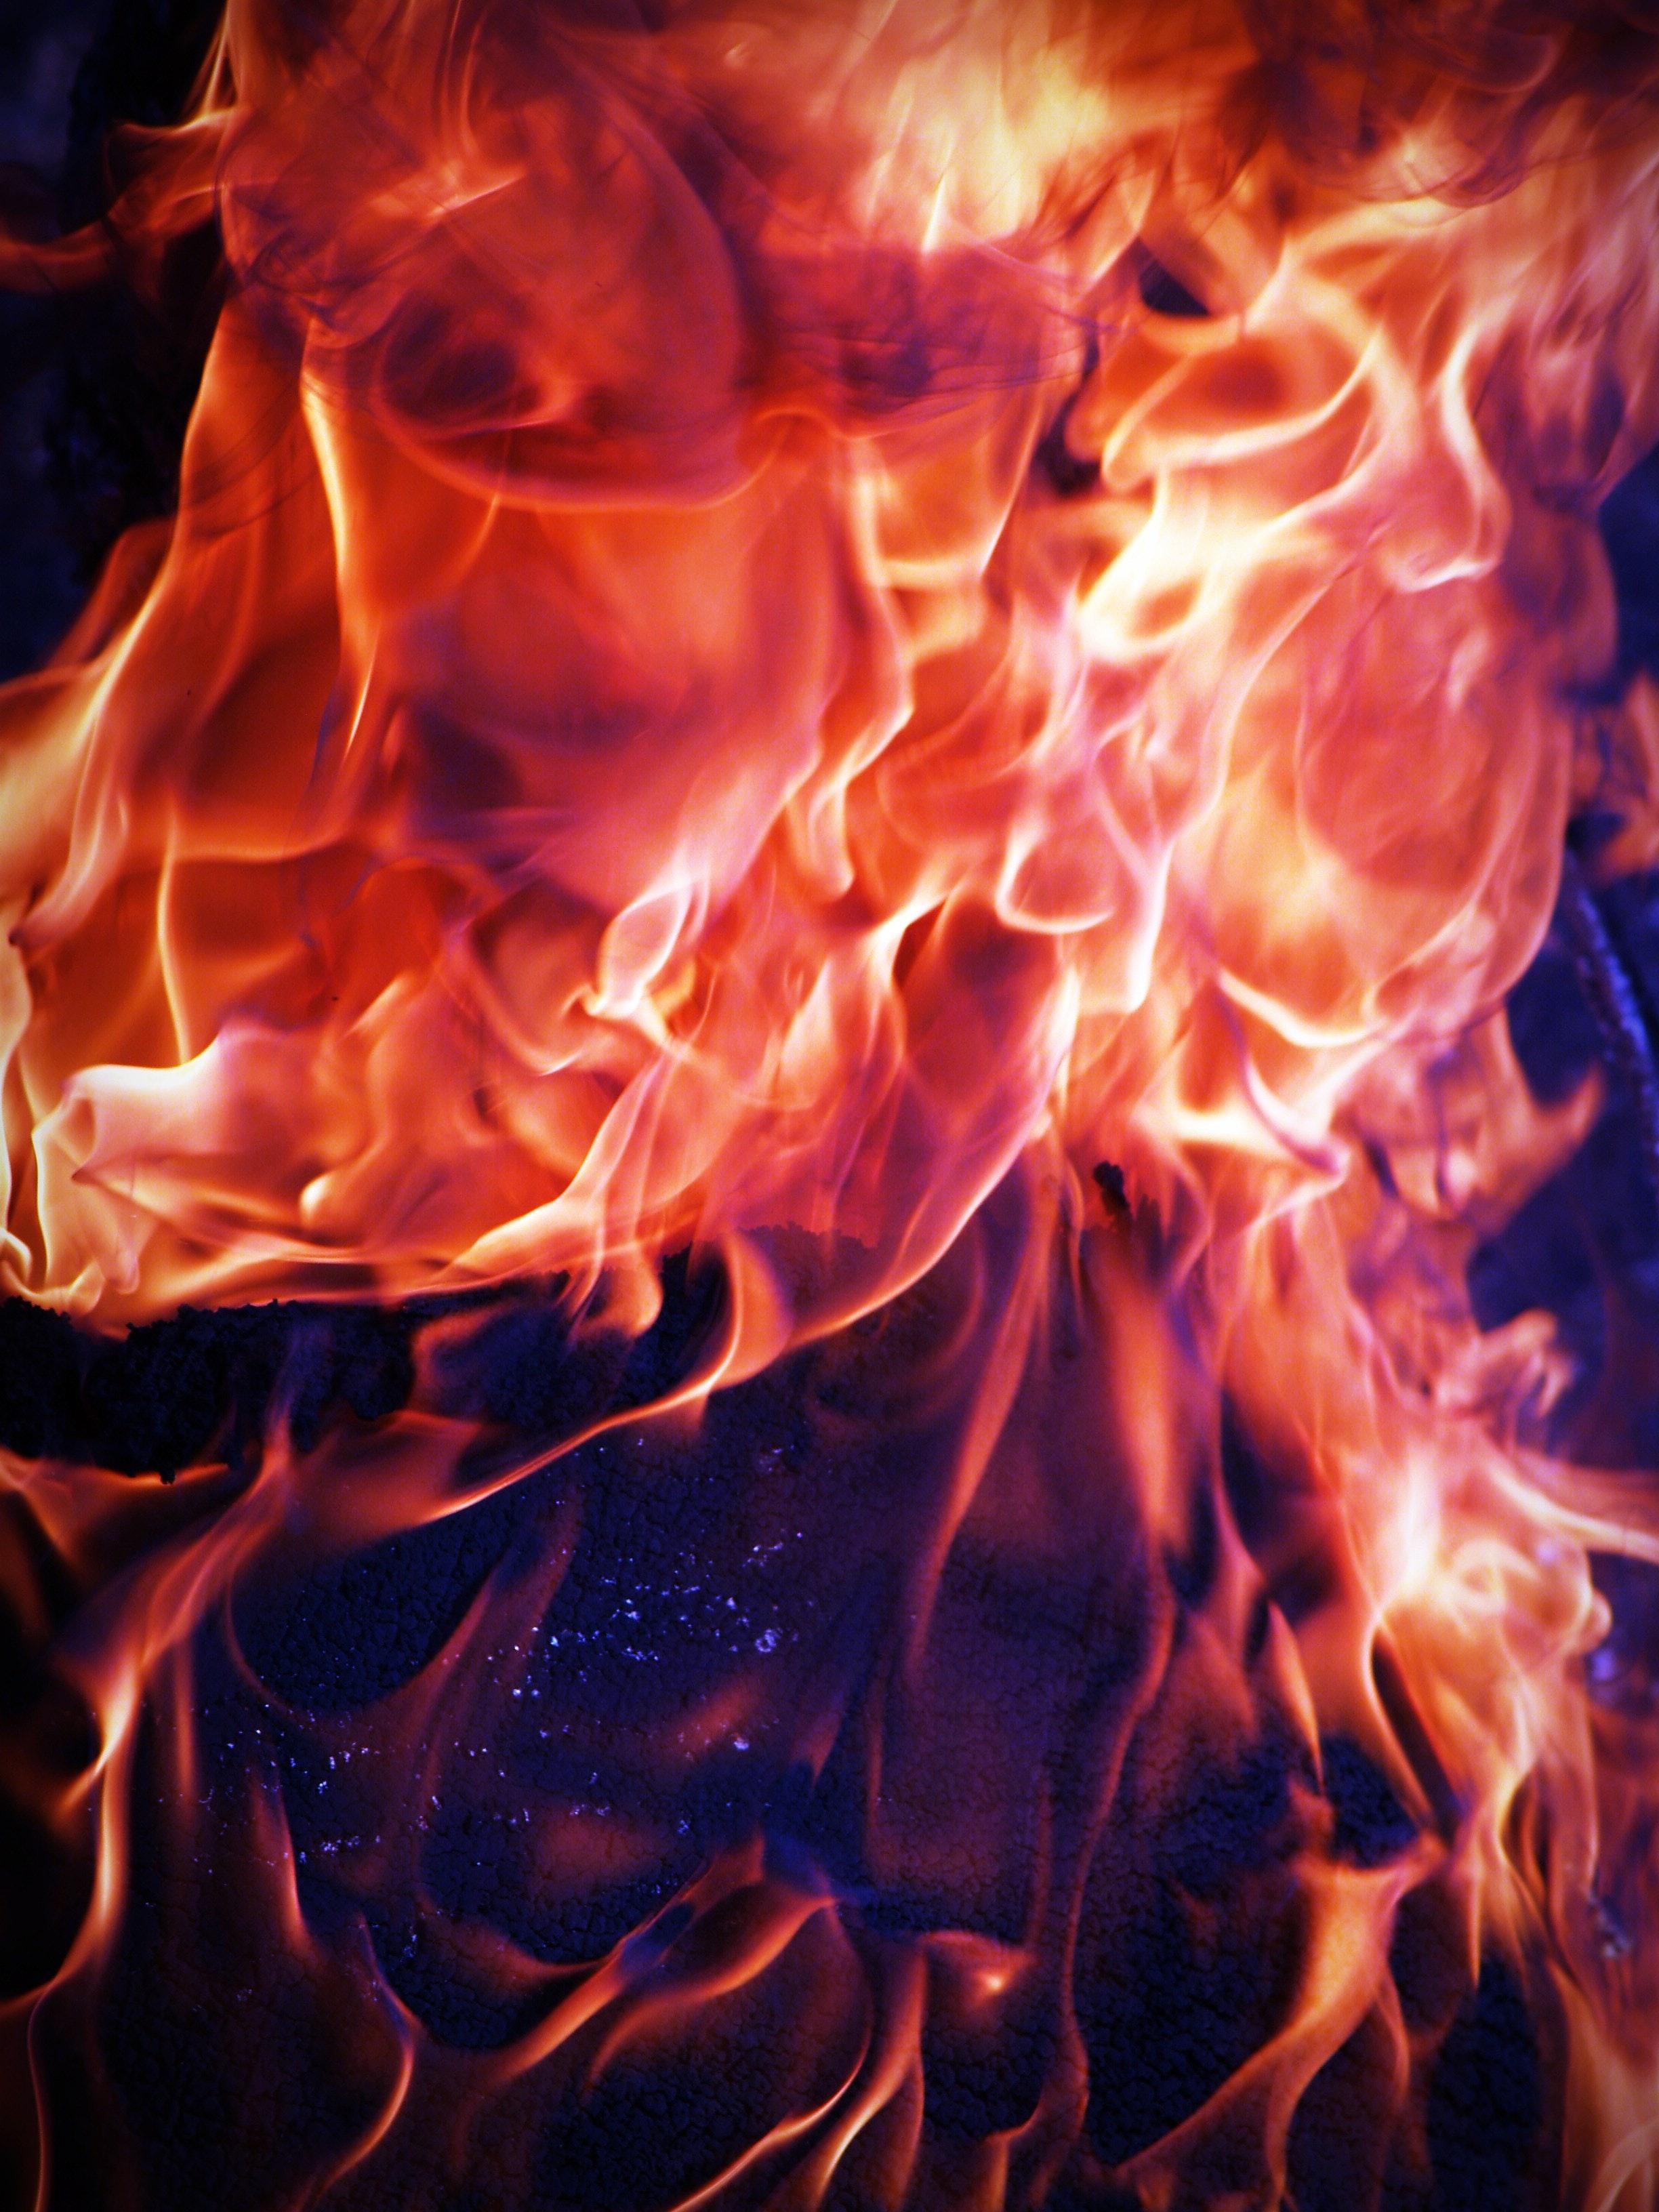 blaze-blazing-bonfire-216635.jpg